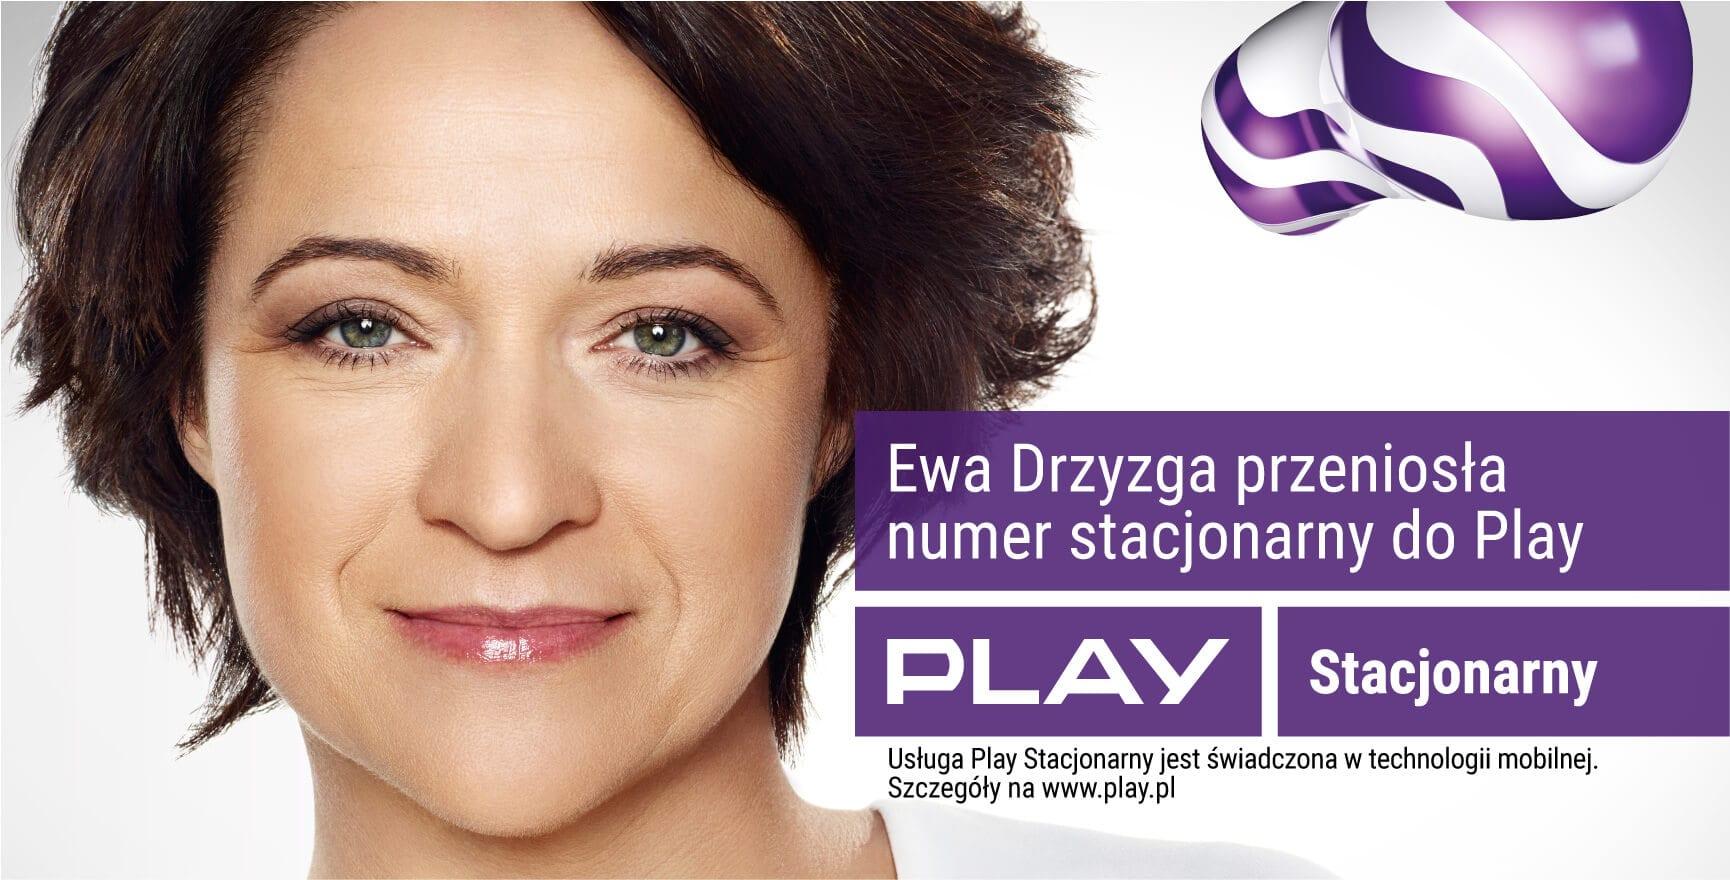 PLAY_DRZYZGA_6x3-01